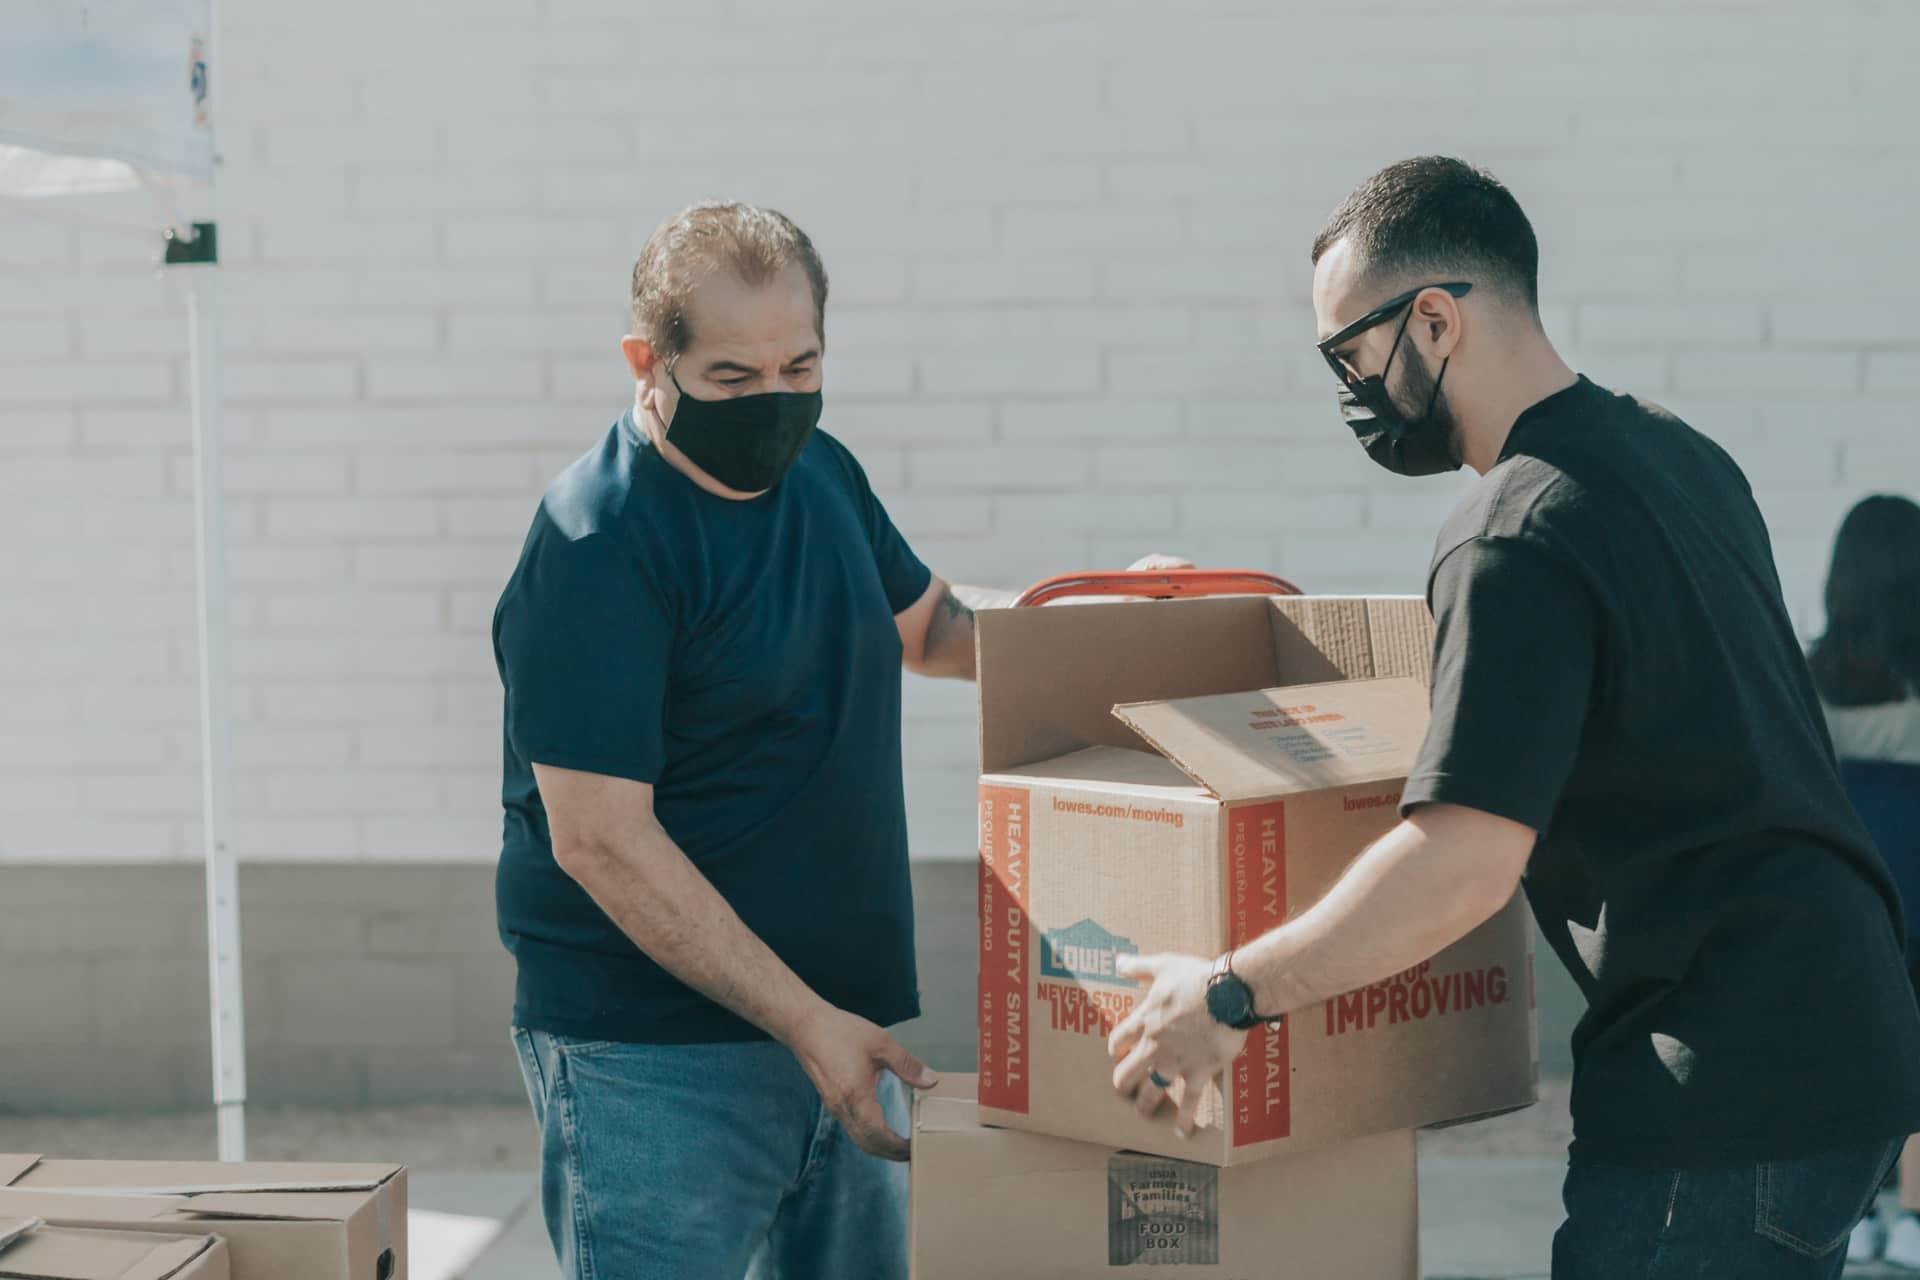 Deux personnes emballent des cartons